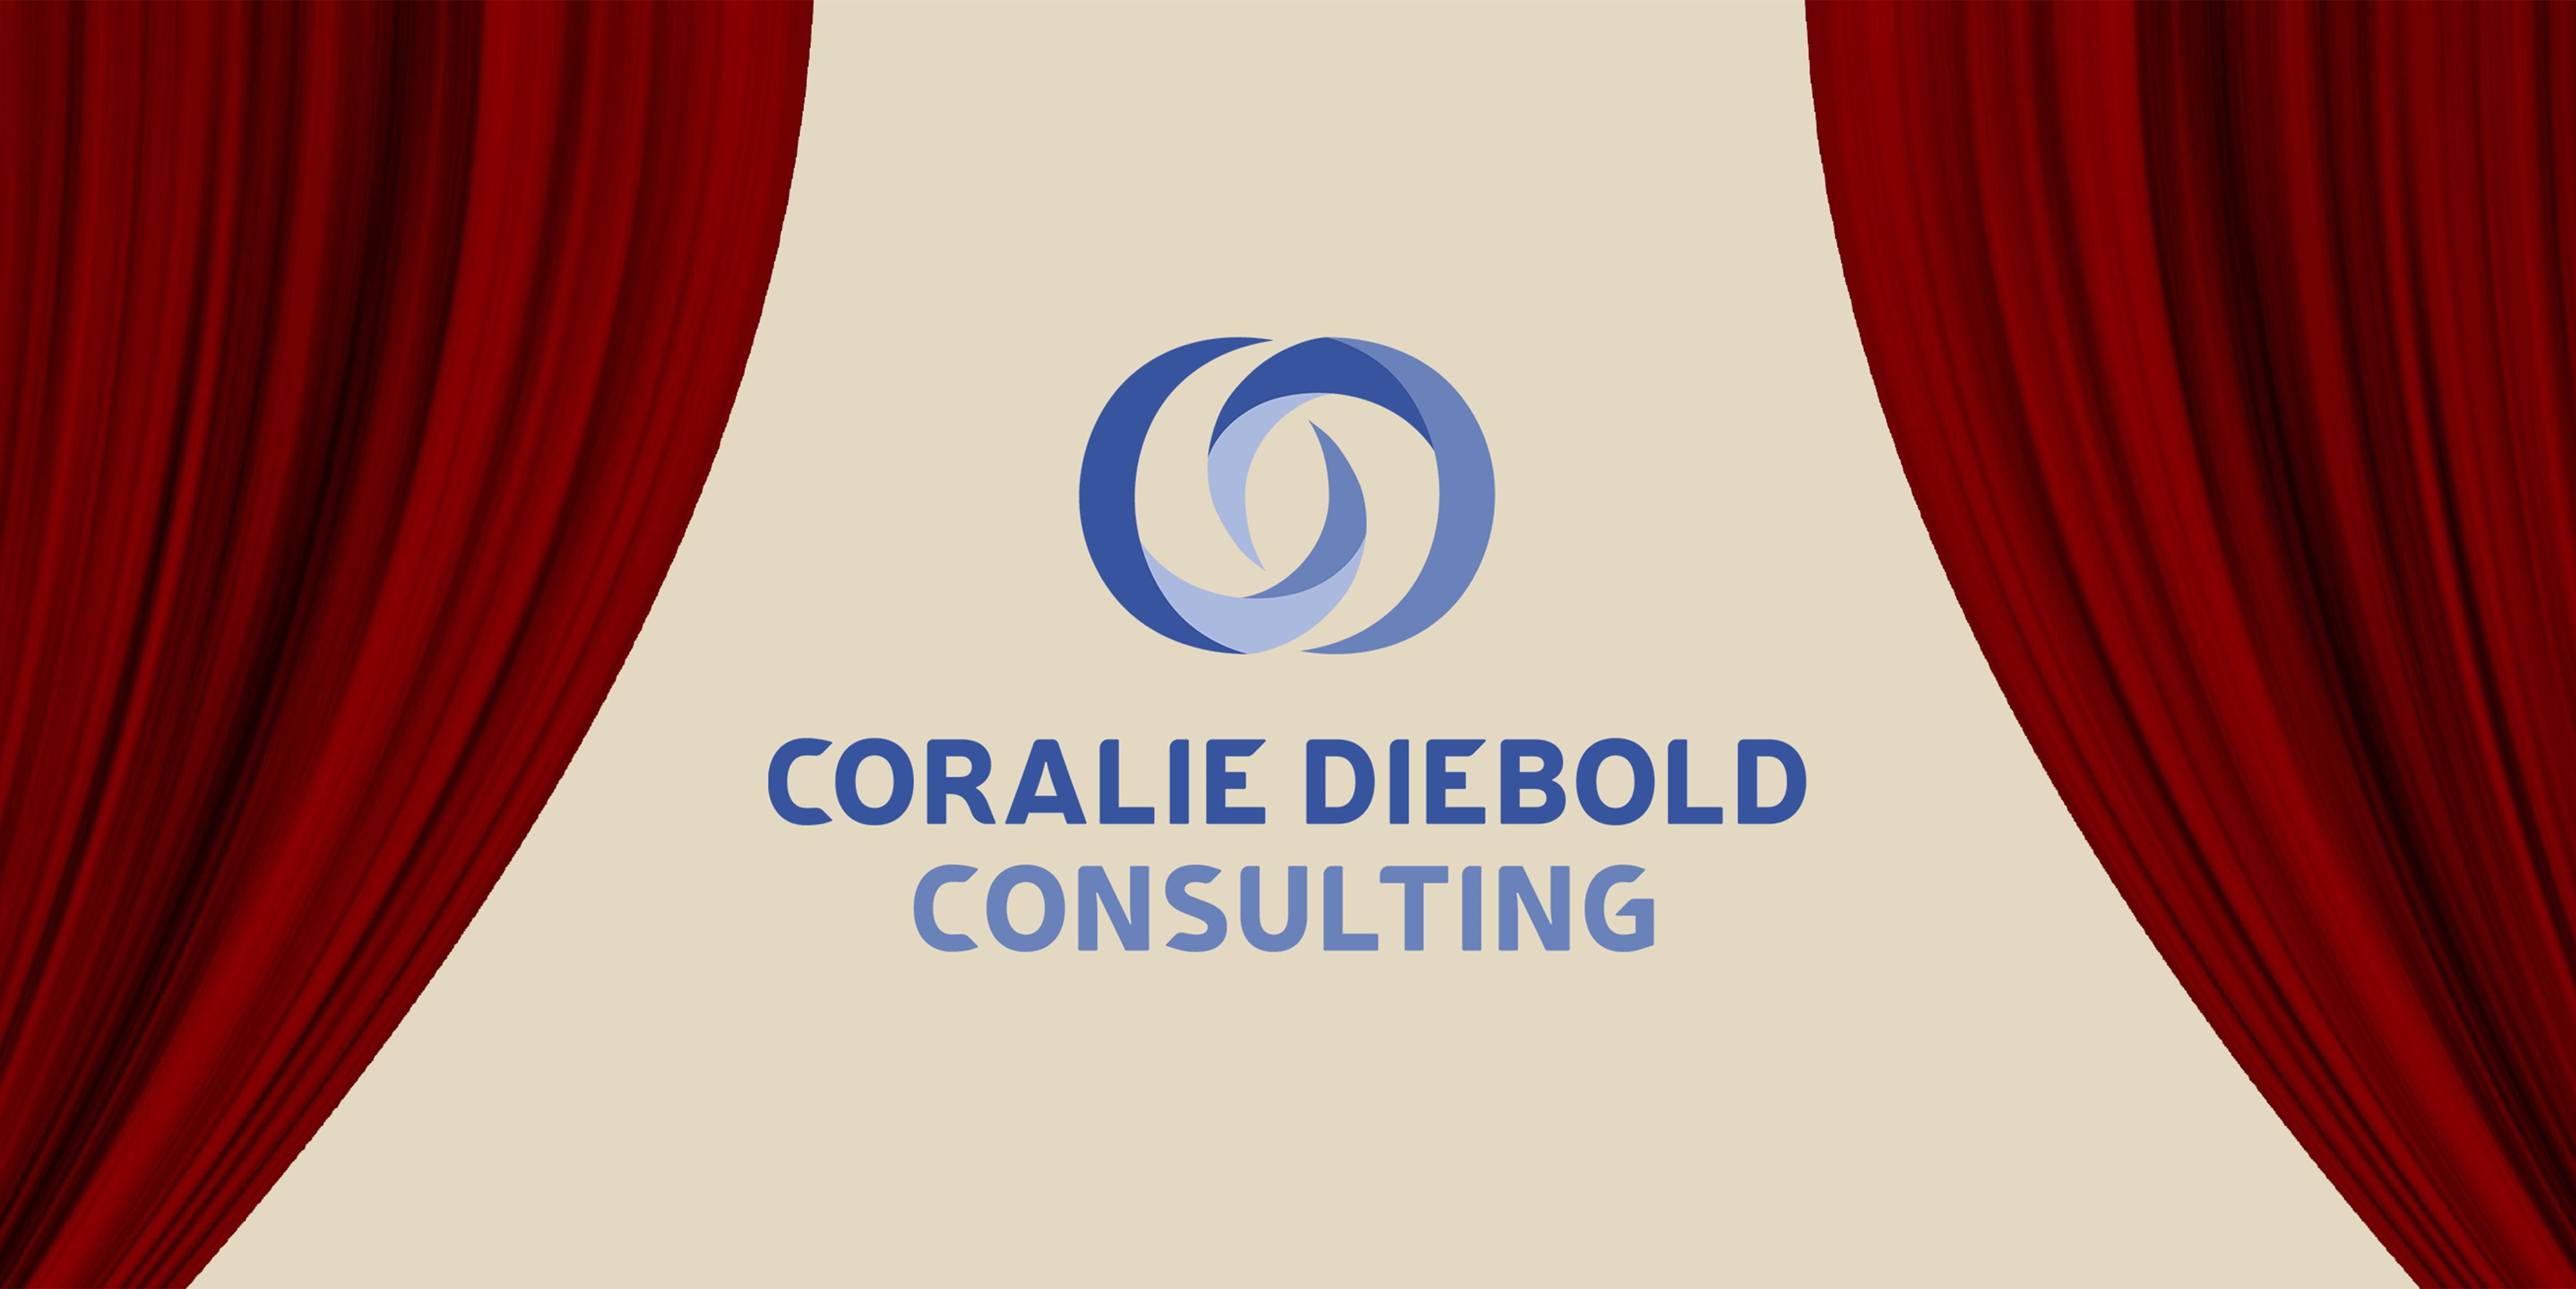 Une nouvelle identité visuelle pour Coralie Diebold Consulting